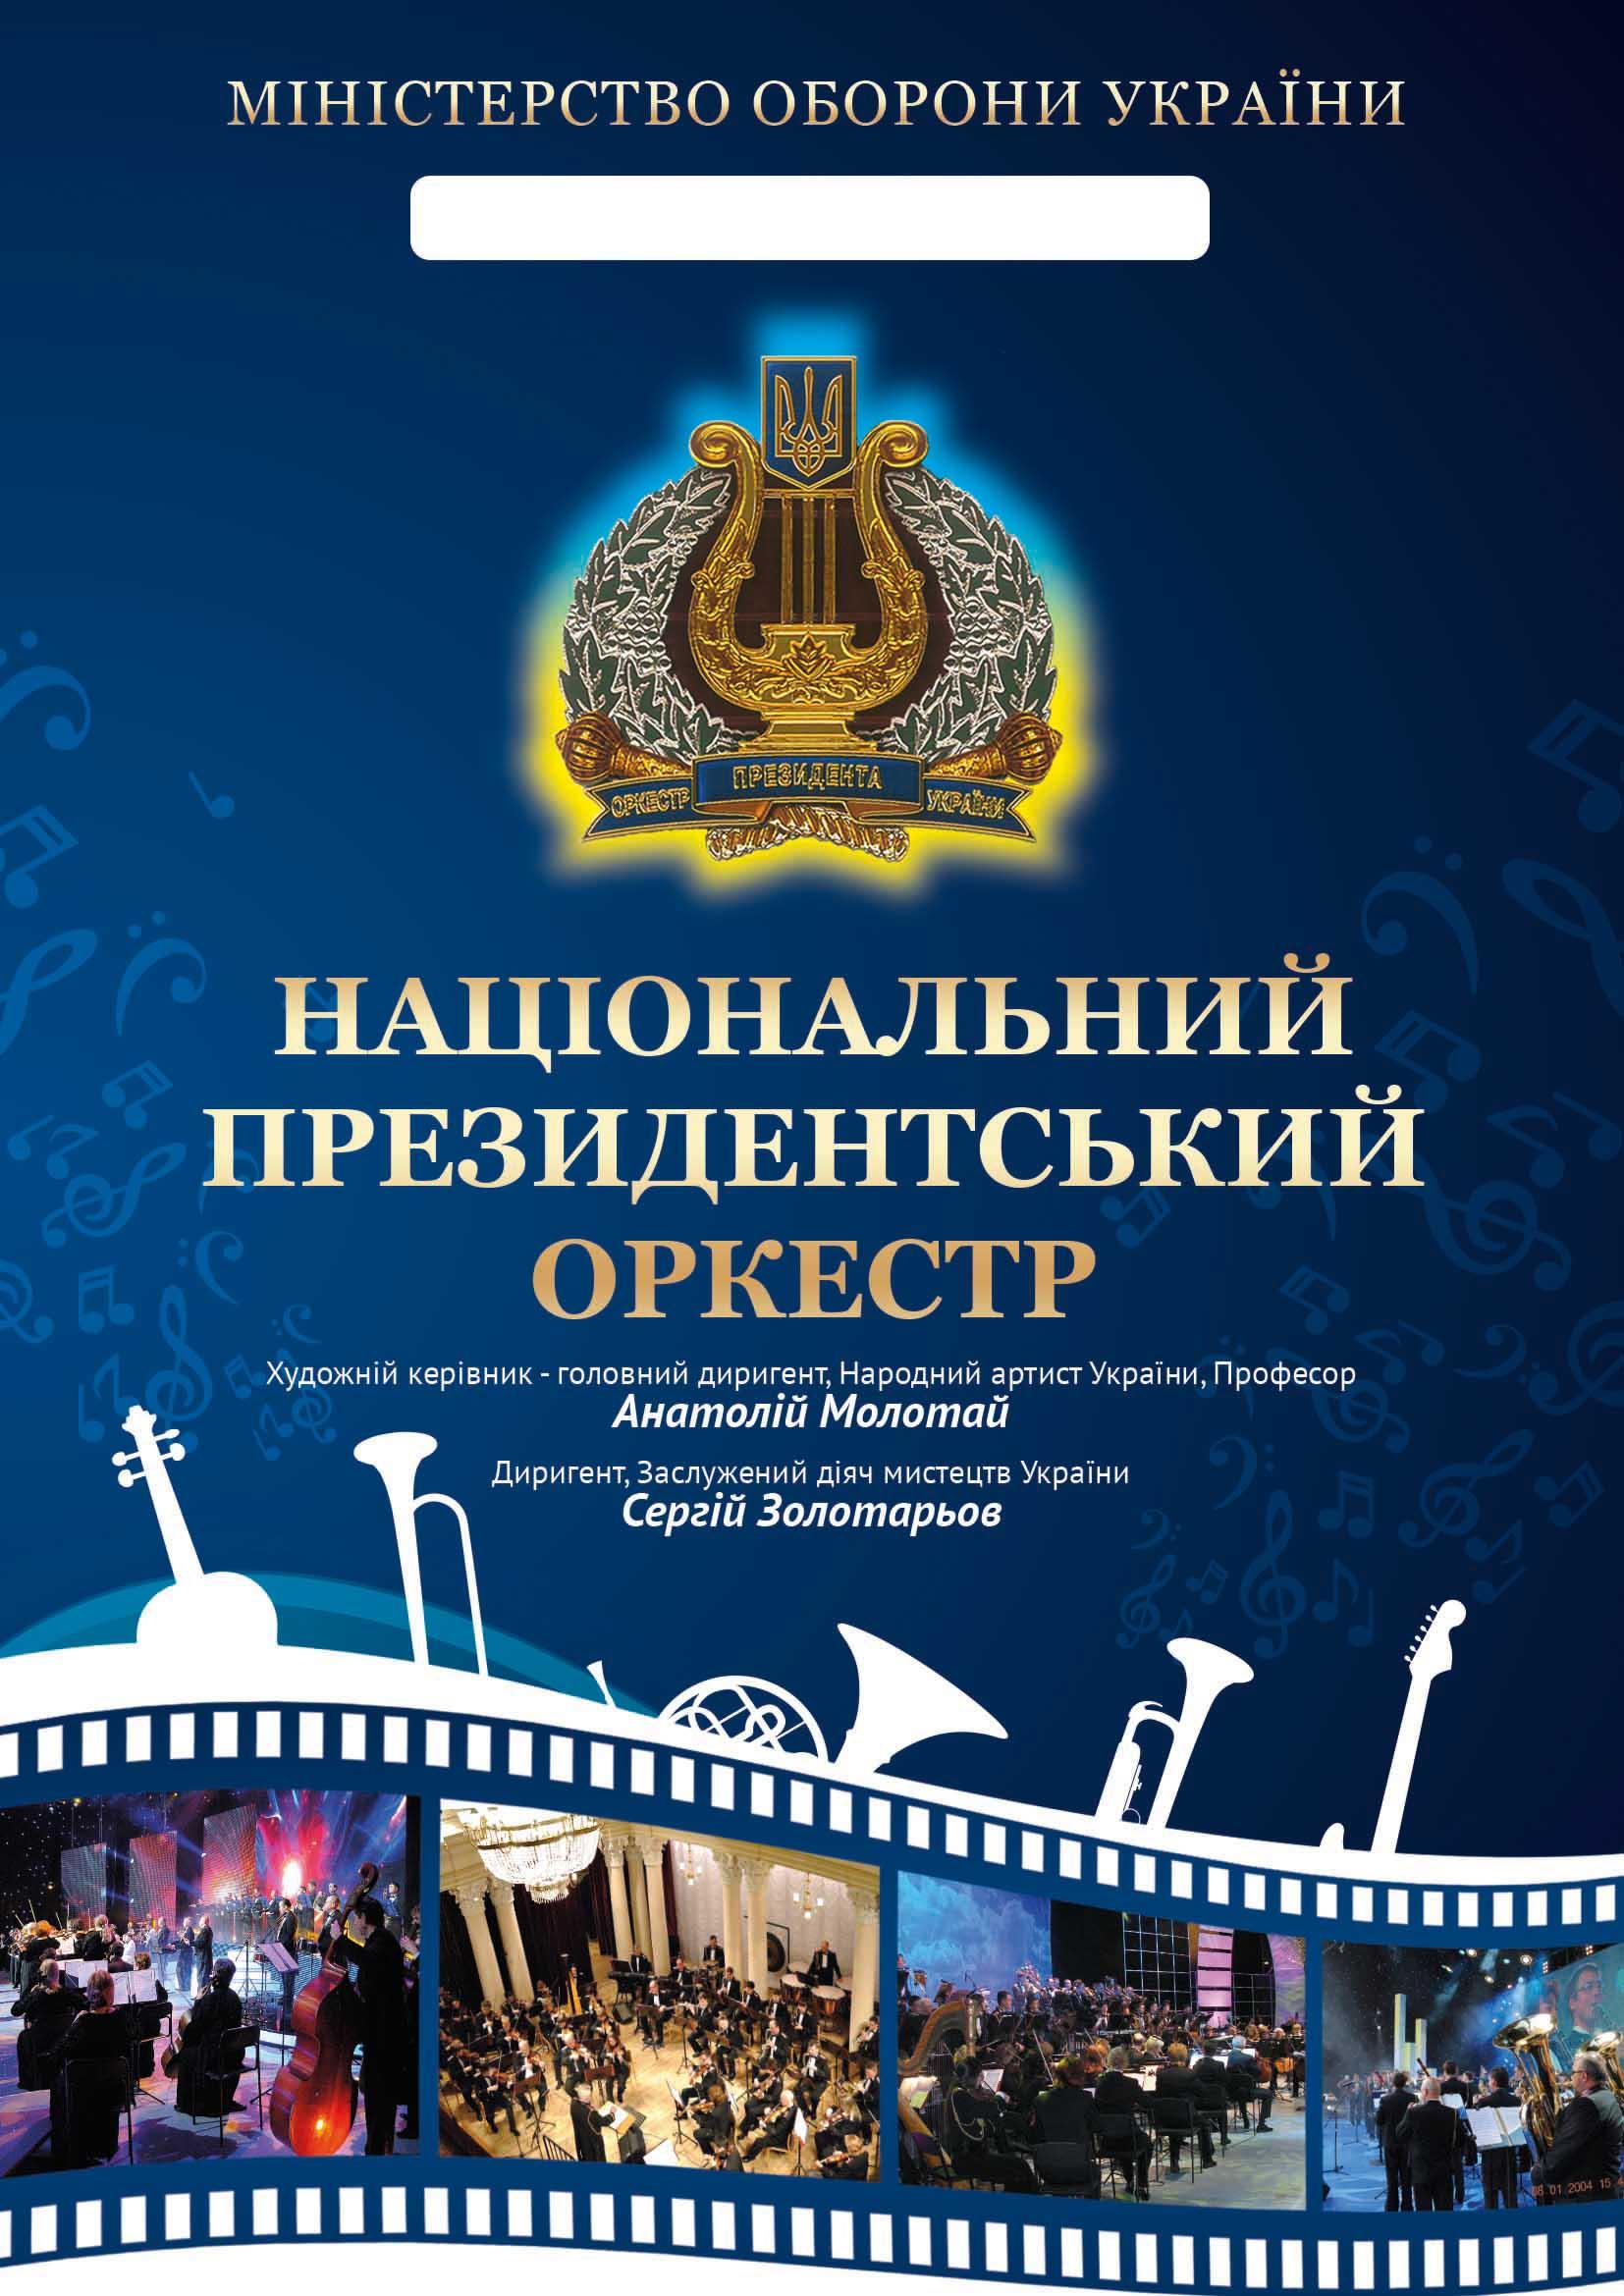 До Трускавця на День міста-курорту приїде Національний президентський оркестр